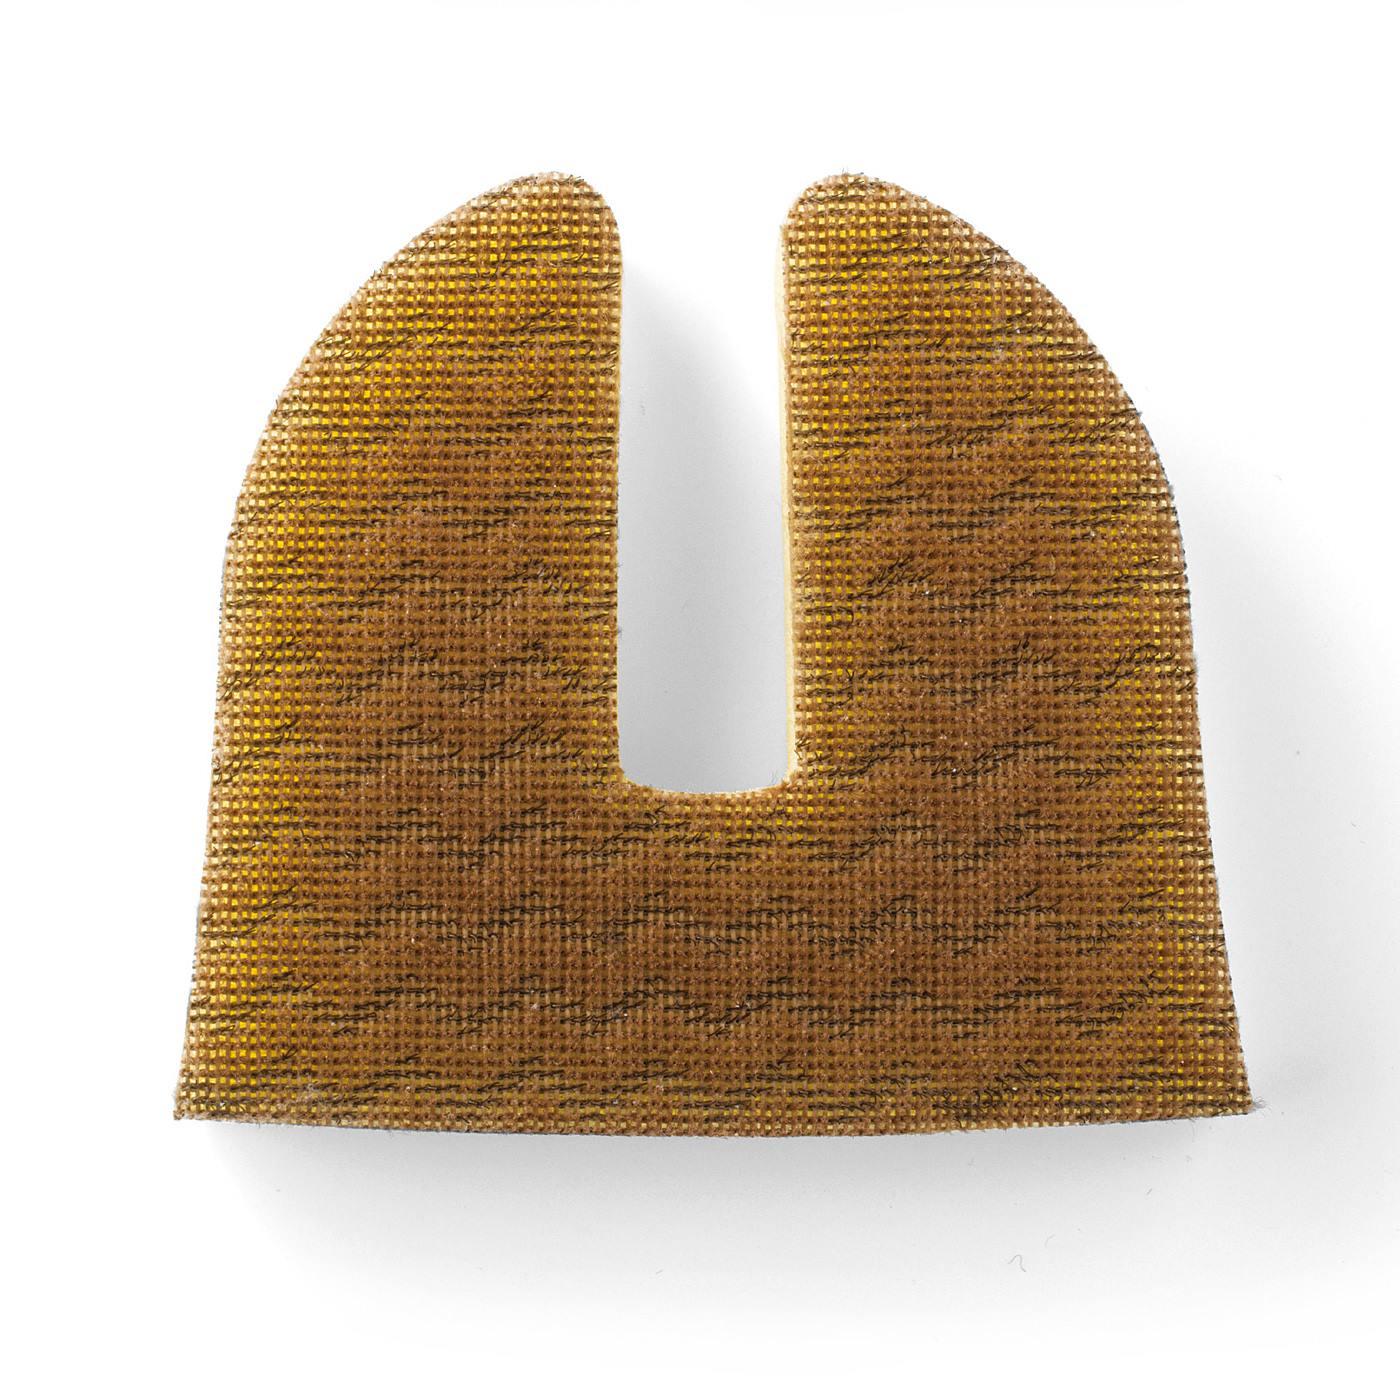 天井&床用 ゴシゴシ洗い 超極細繊維ブラシ×ナイロン毛 細かい溝の奥まで、軽い力で汚れを落とします。